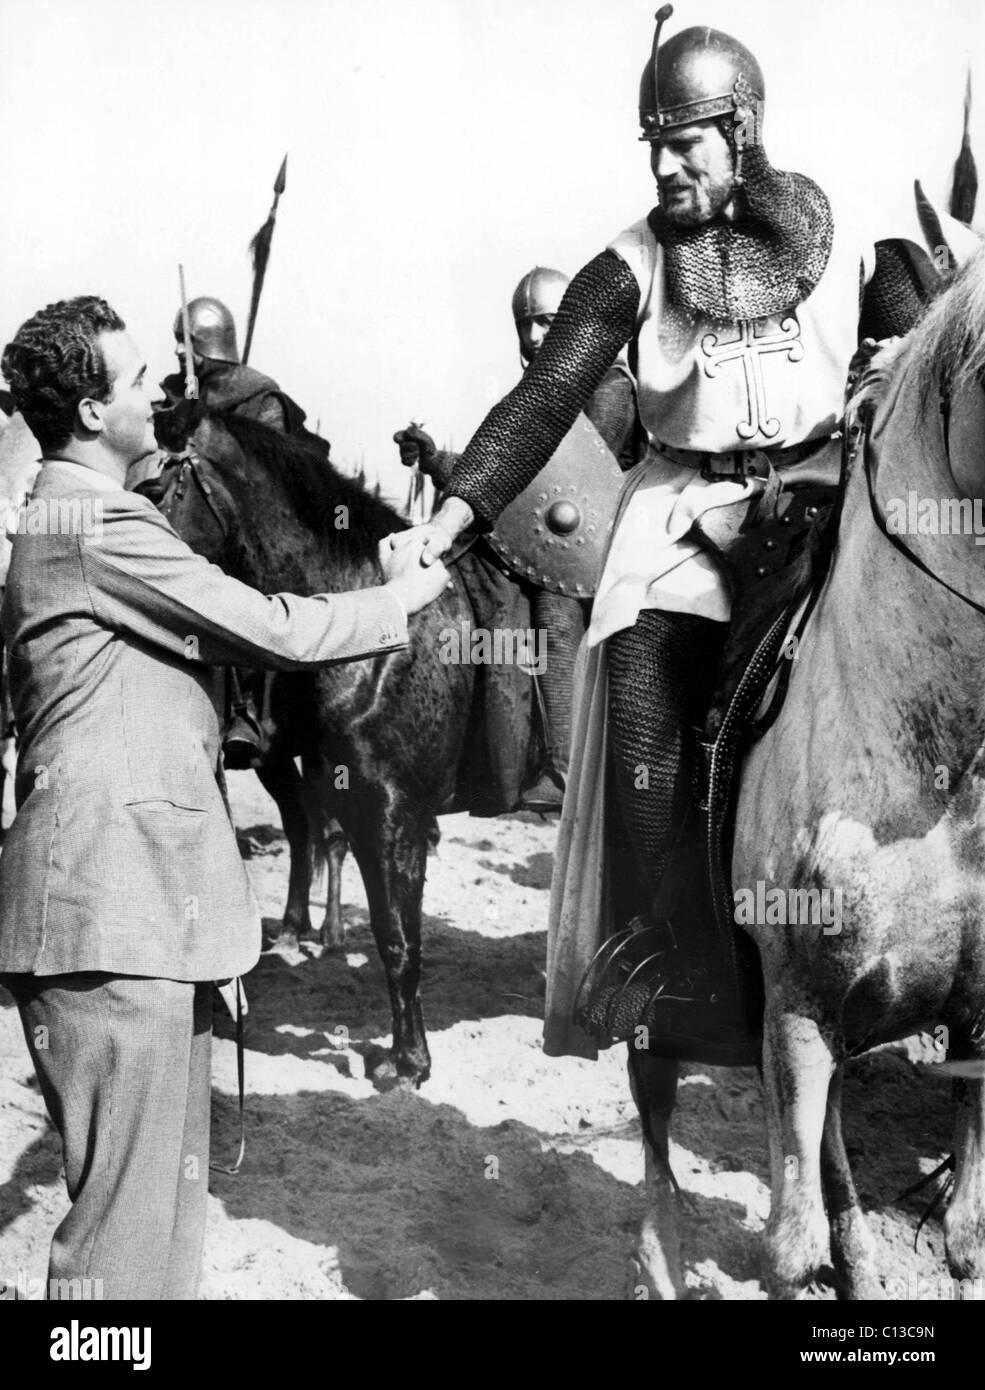 Prinz JUAN CARLOS DE BOURBON besucht CHARLTON HESTON während der Spanien-Standort für EL CID, 1961 Stockbild